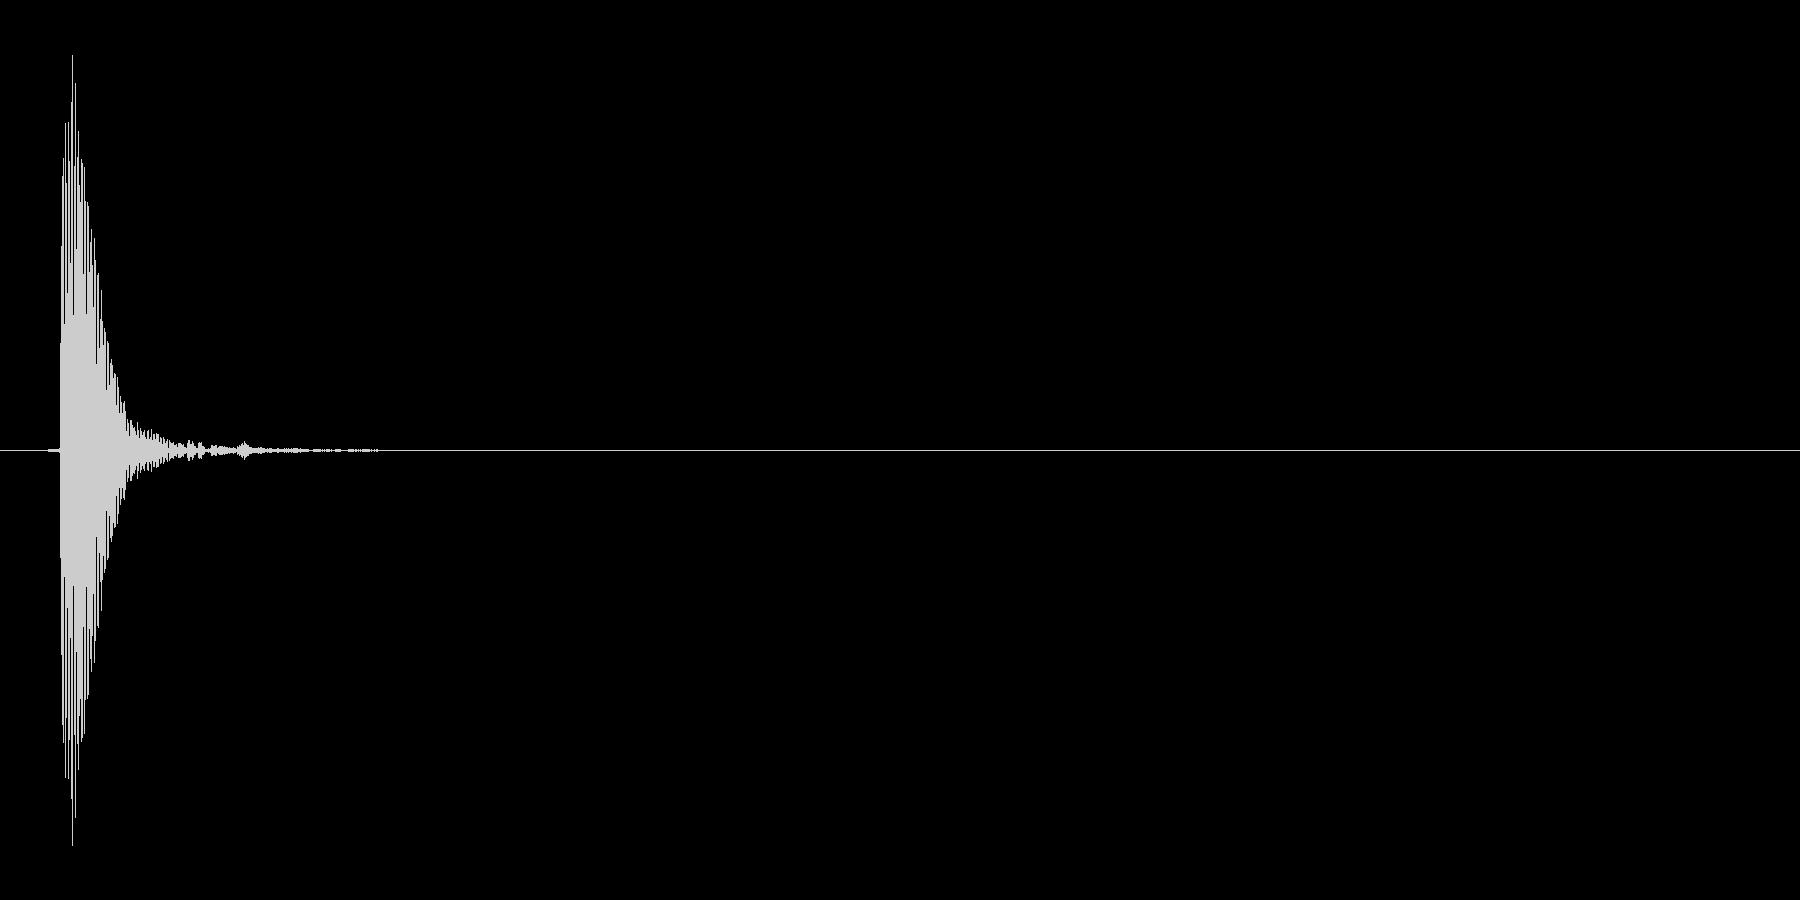 プッ(カーソル動かす音)の未再生の波形